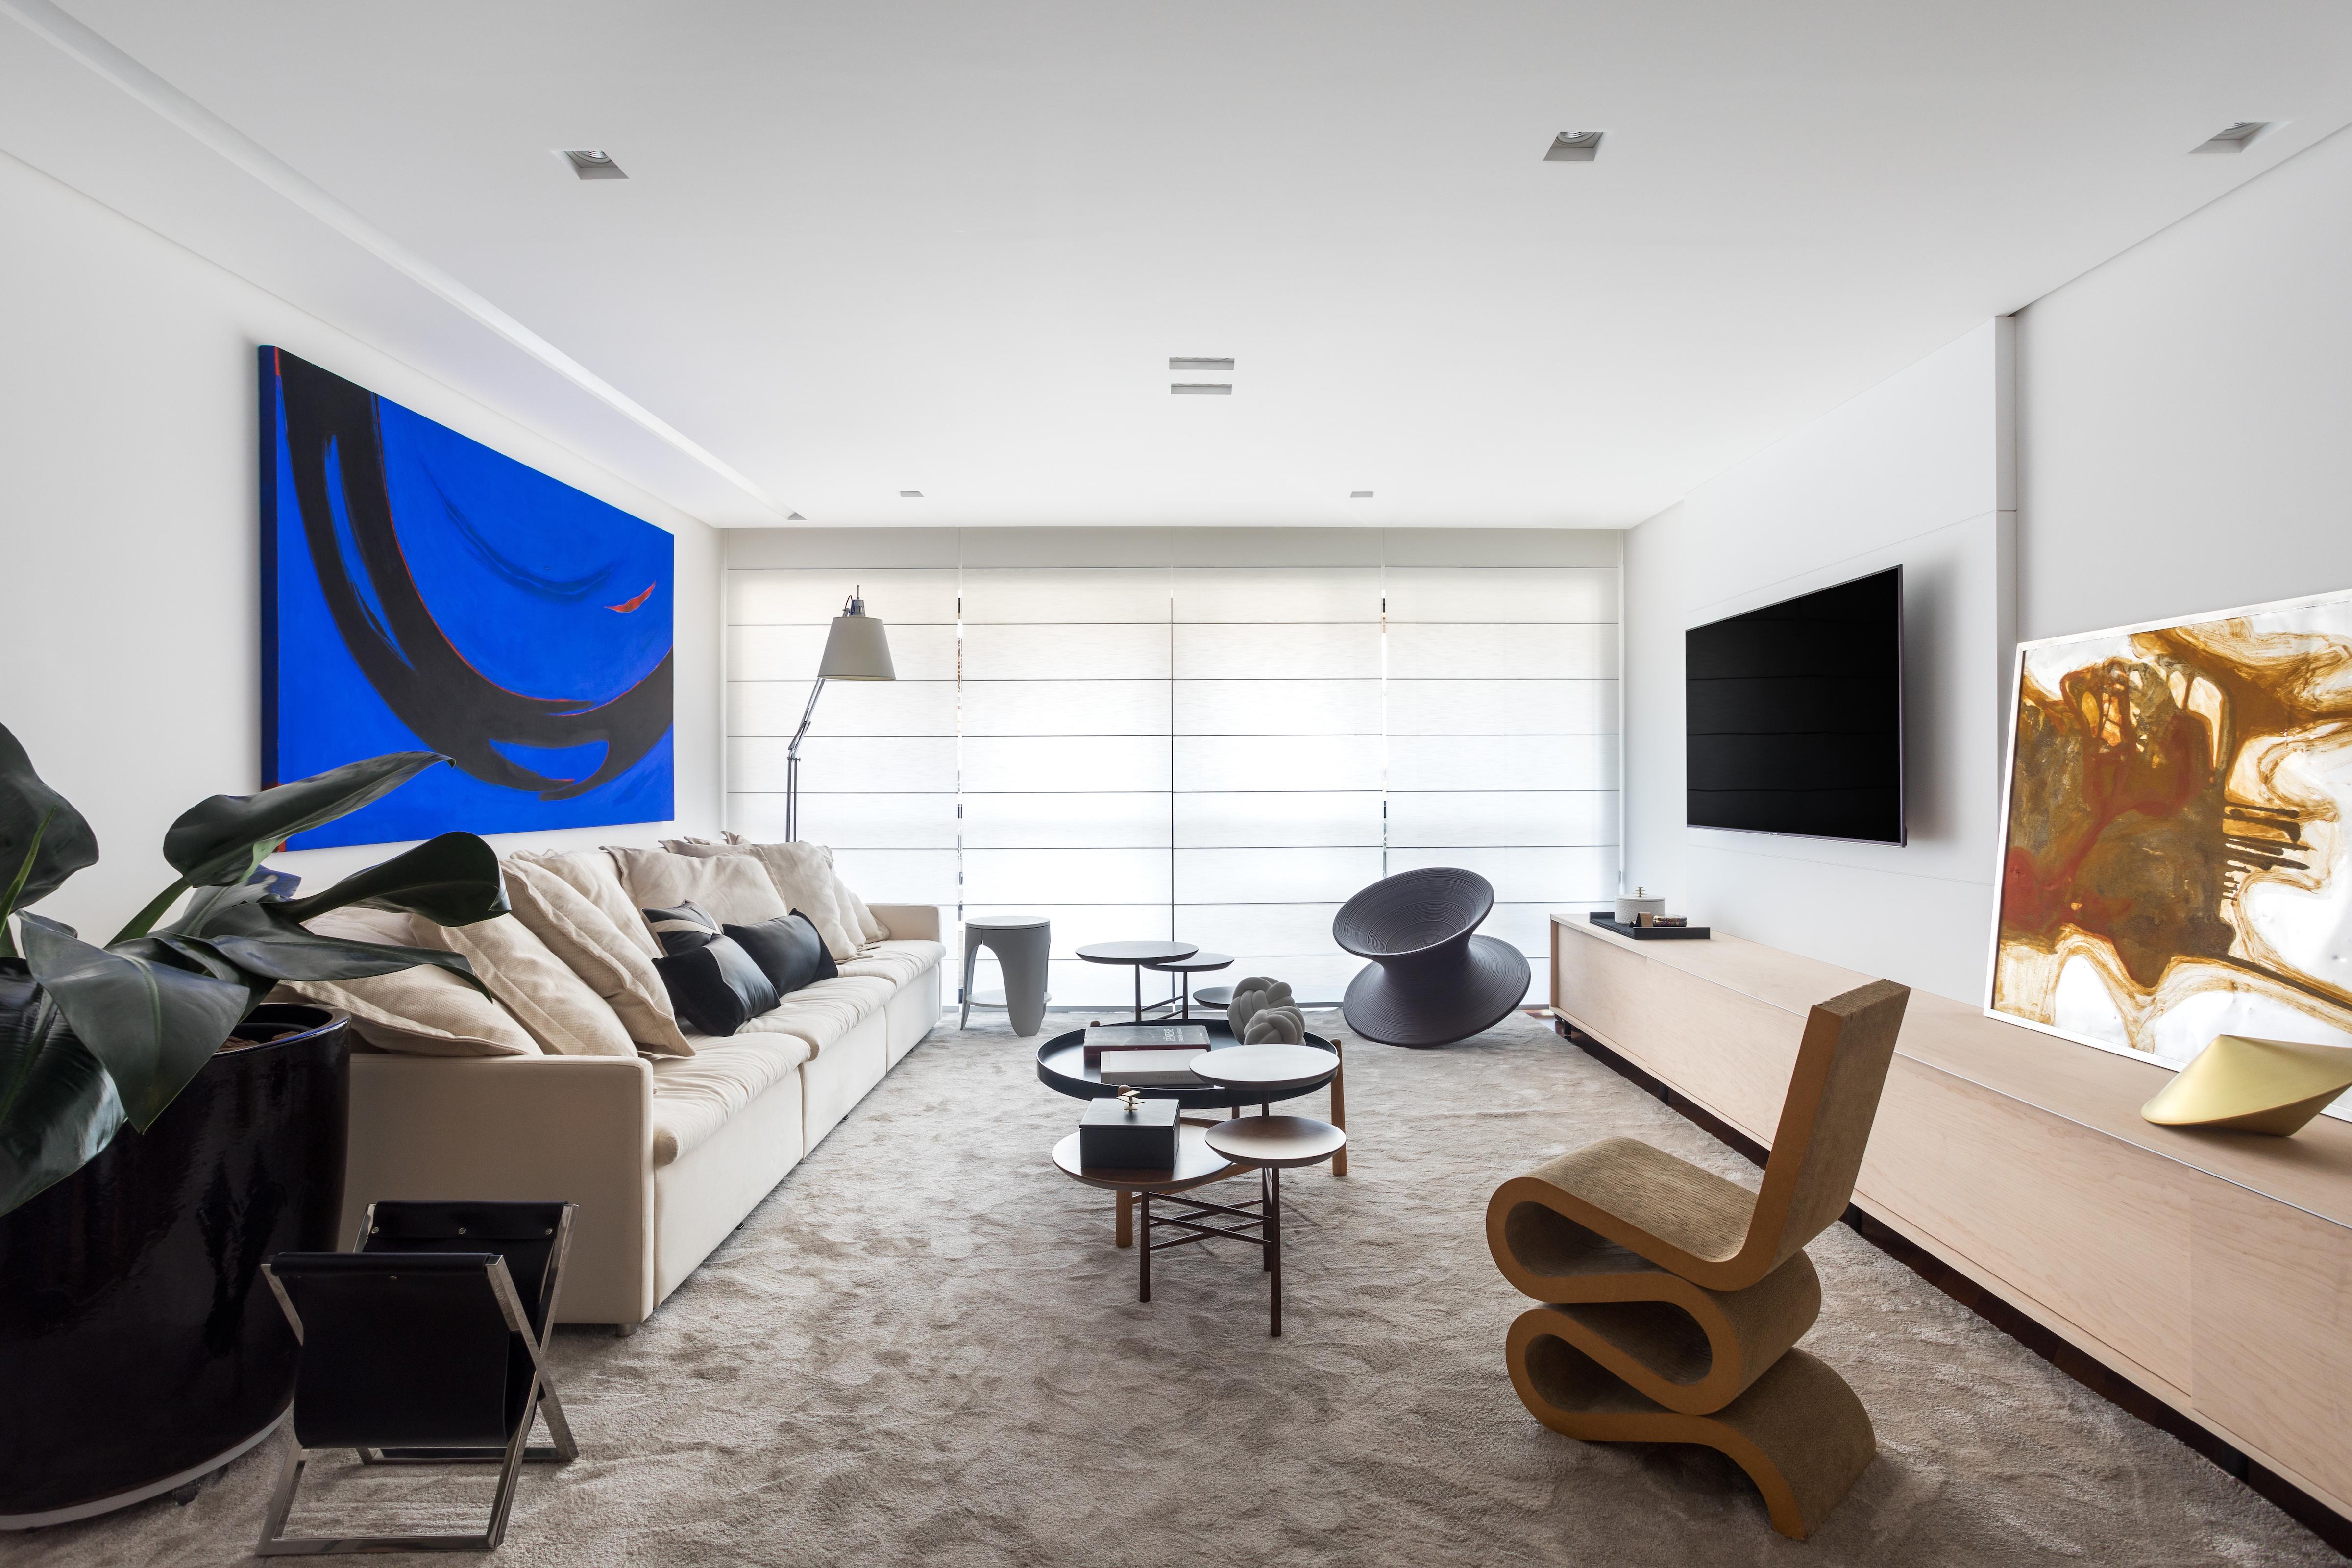 Apê de 215 m², em Curitiba, aposta em peças de design internacional